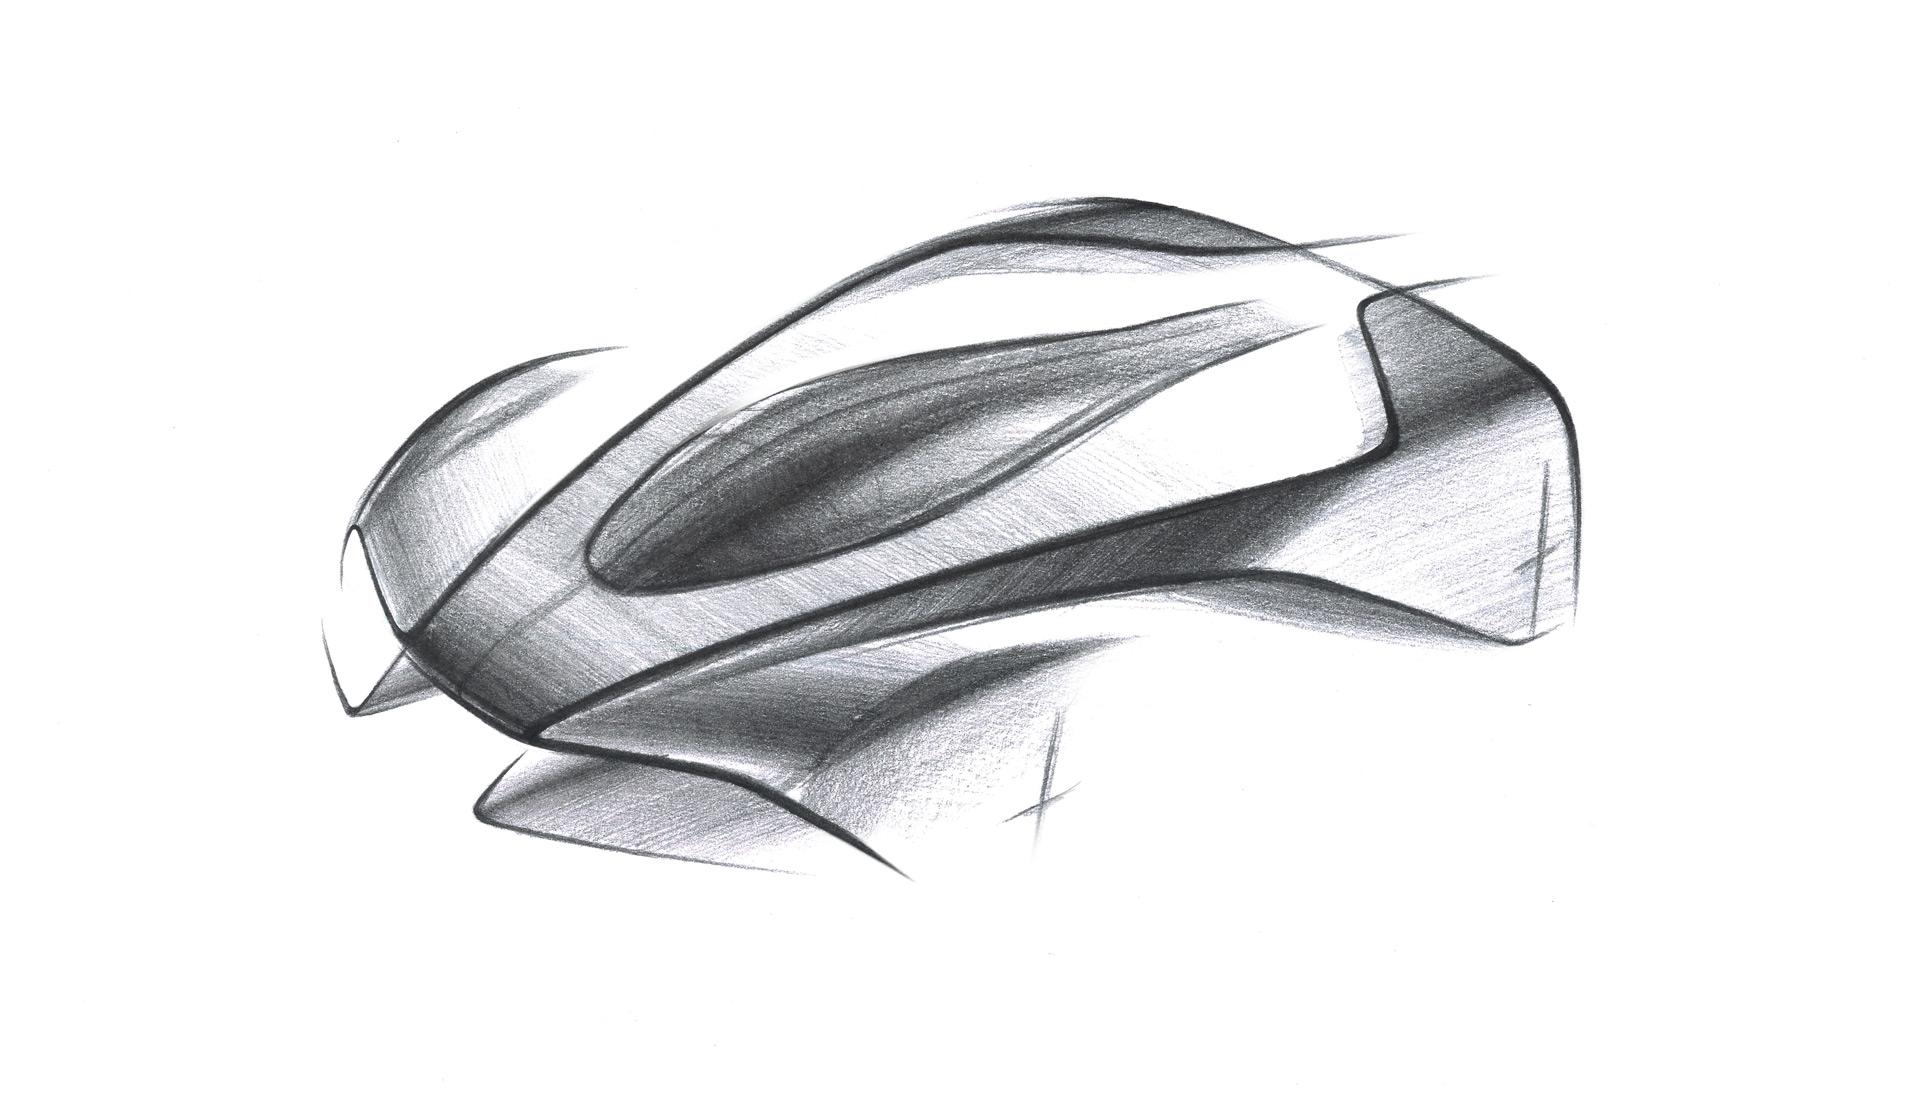 Aston Martin 003 hypercar teased, might race at Le Mans